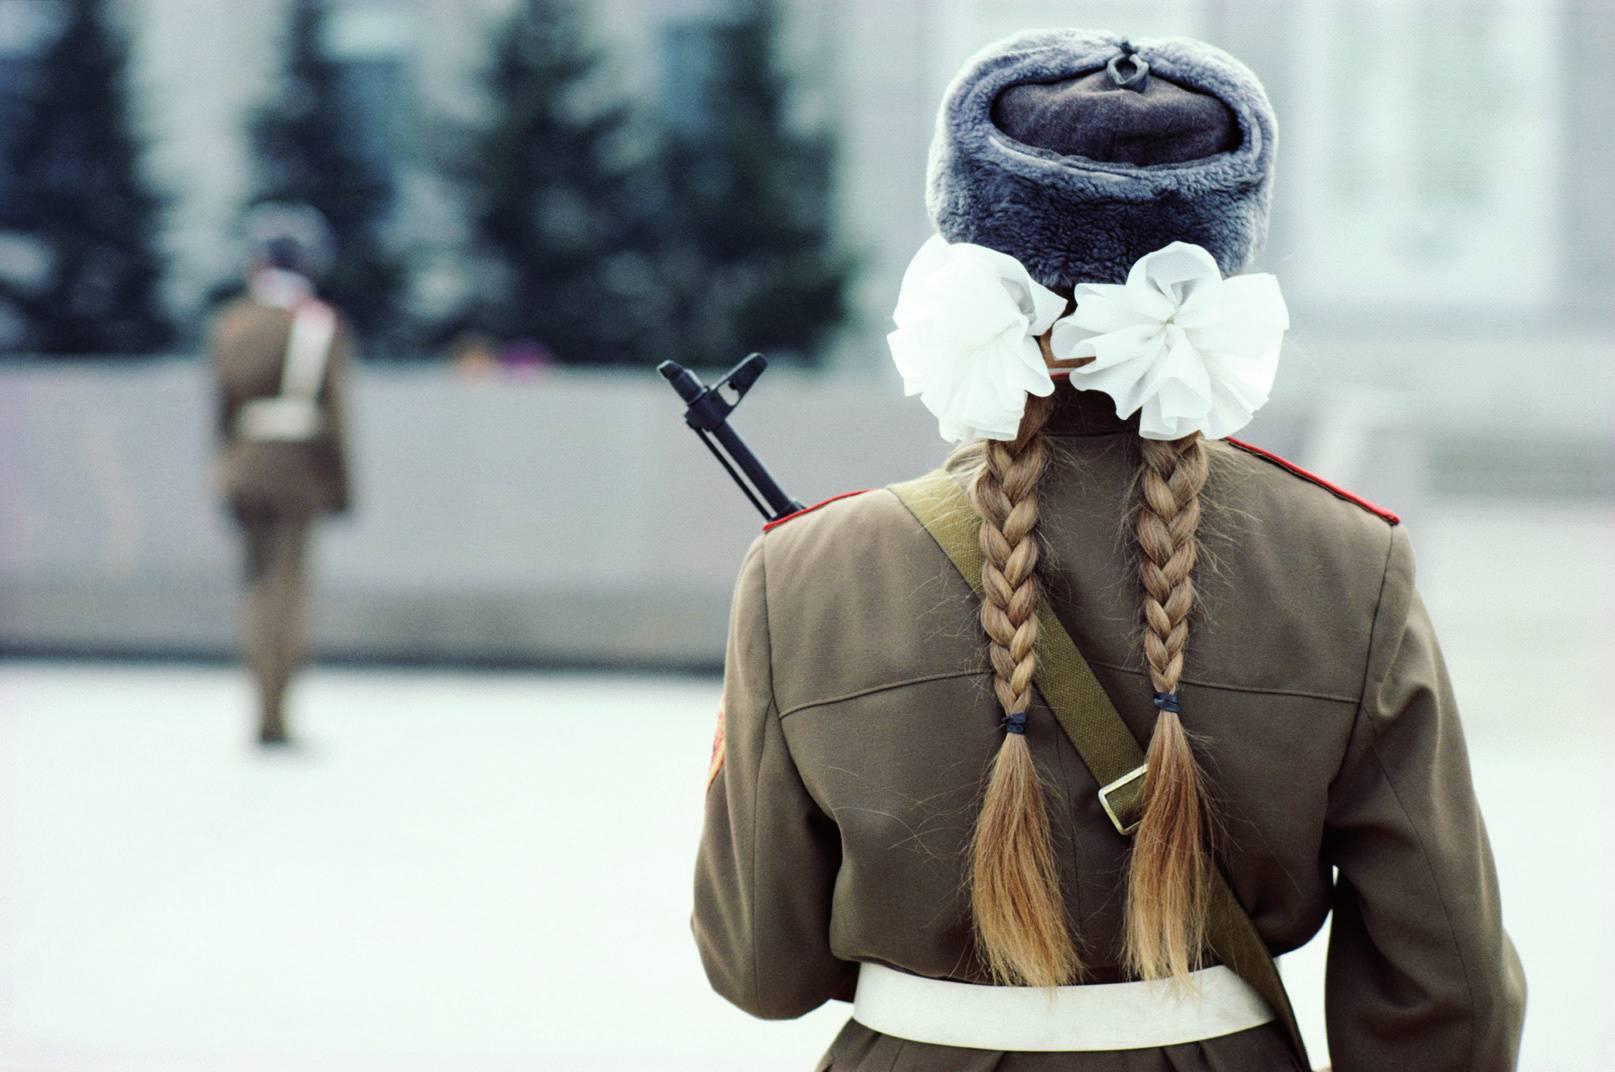 0_1338ab_bcdc3298_orig На Северном флоте более 1300 женщин-военнослужащих получили поздравления с Международным женским днем - Независимый проект =Морская Пехота России=